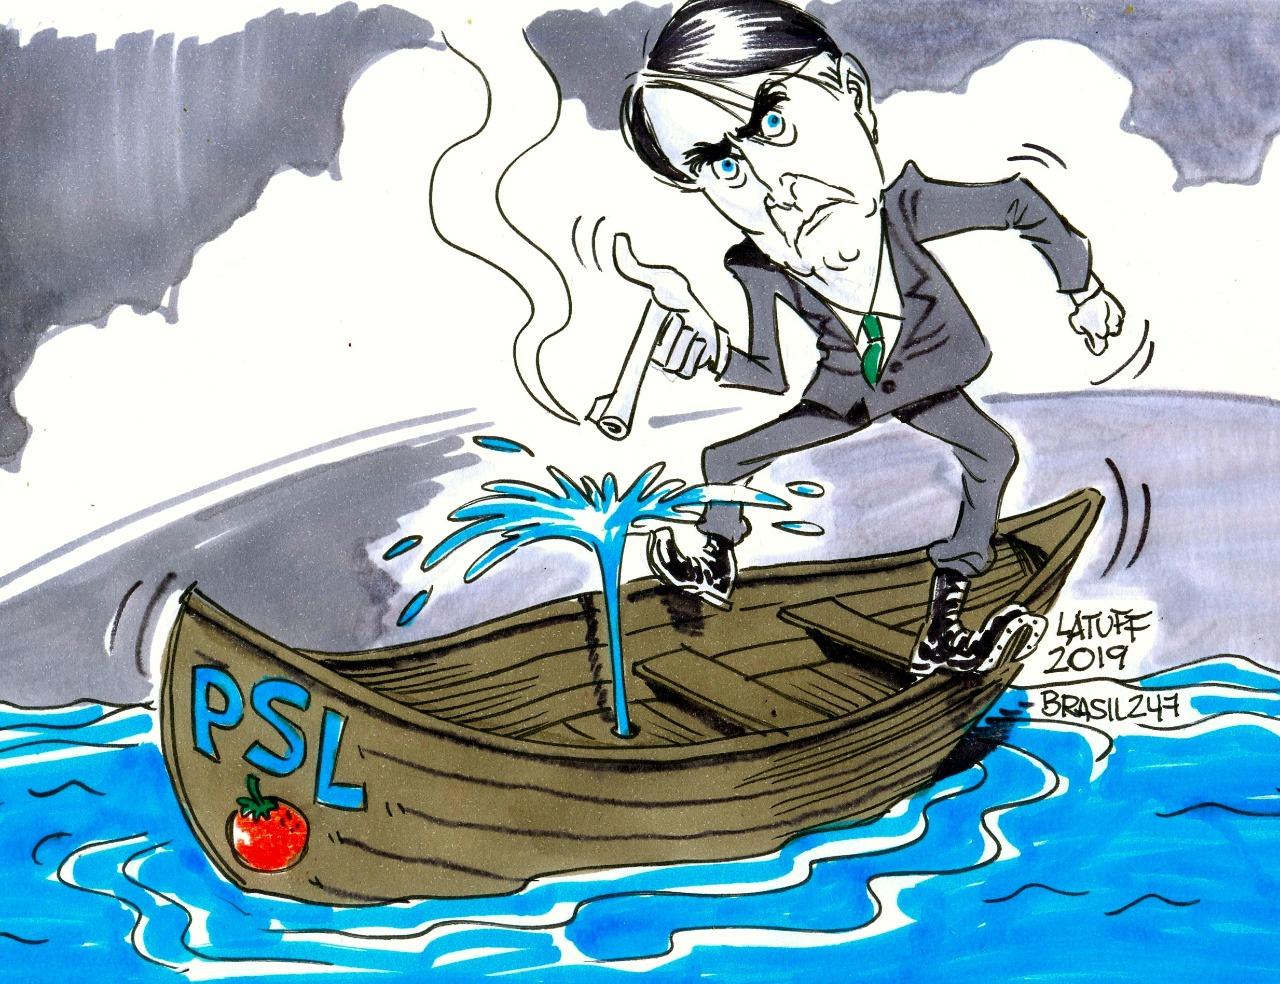 Imagem do Dia:  Latuff